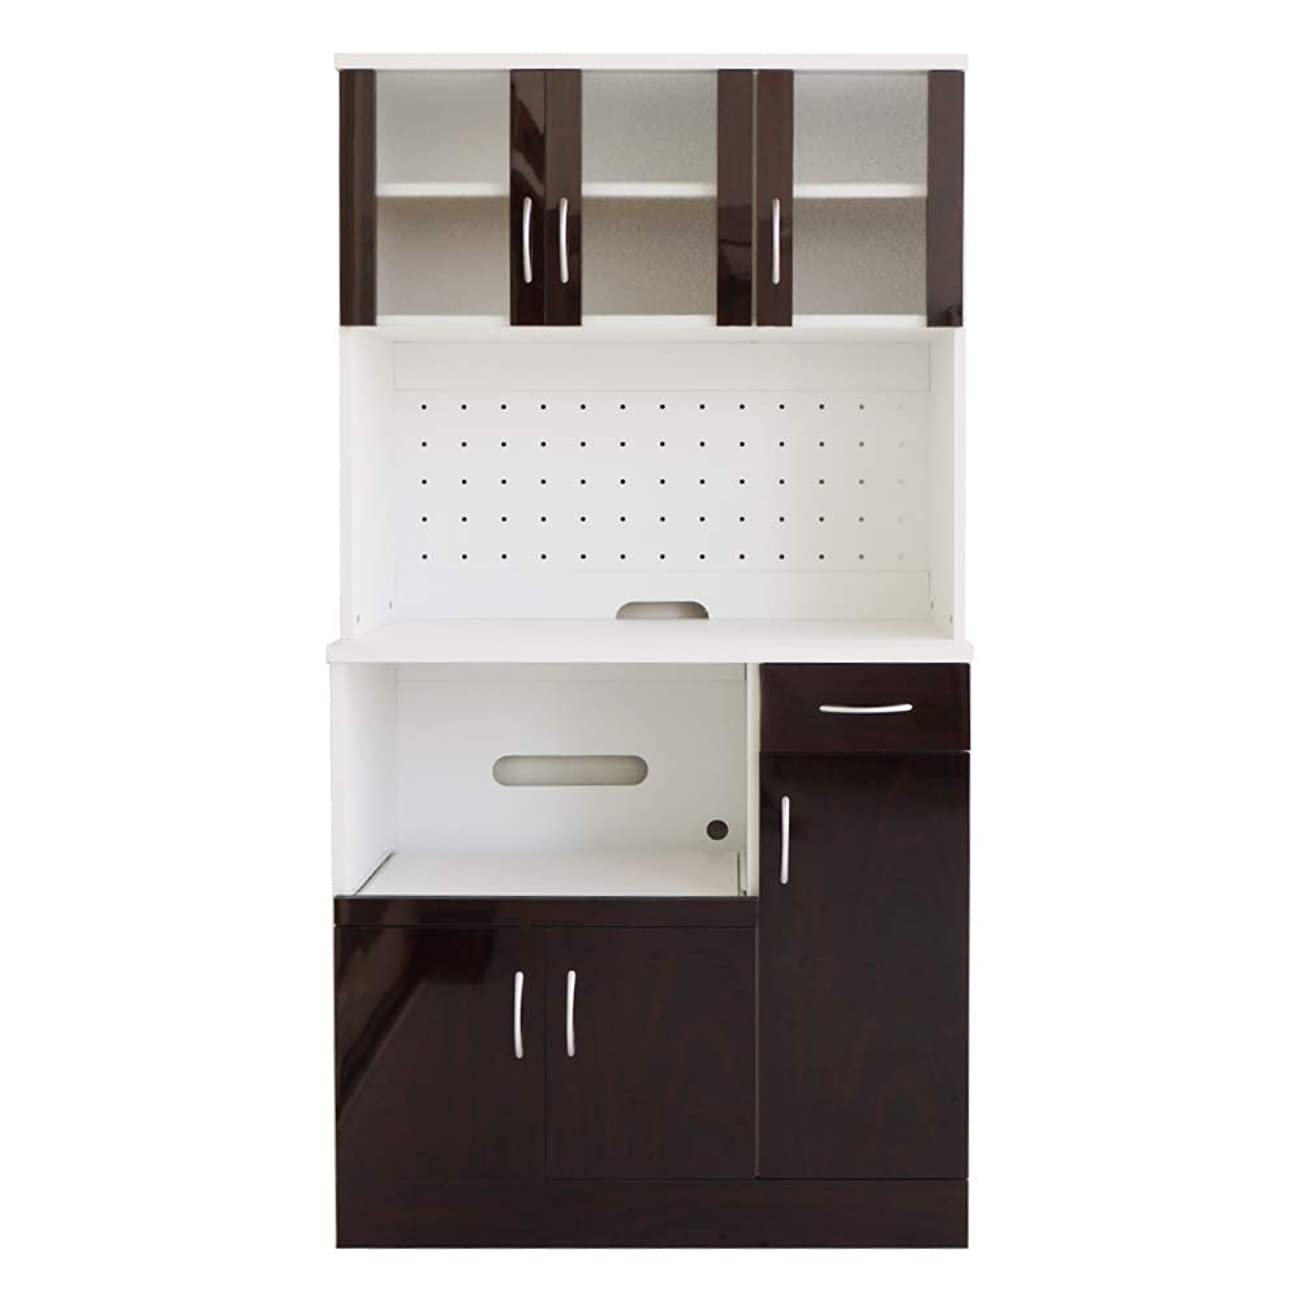 鷹負荷エスカレート高級感溢れる鏡面仕上げ キッチンボード レンジ台 レンジボード 食器棚 幅90cm ミラージュ (ブラウン) / スリム 木製 電子レンジ台 炊飯器 収納